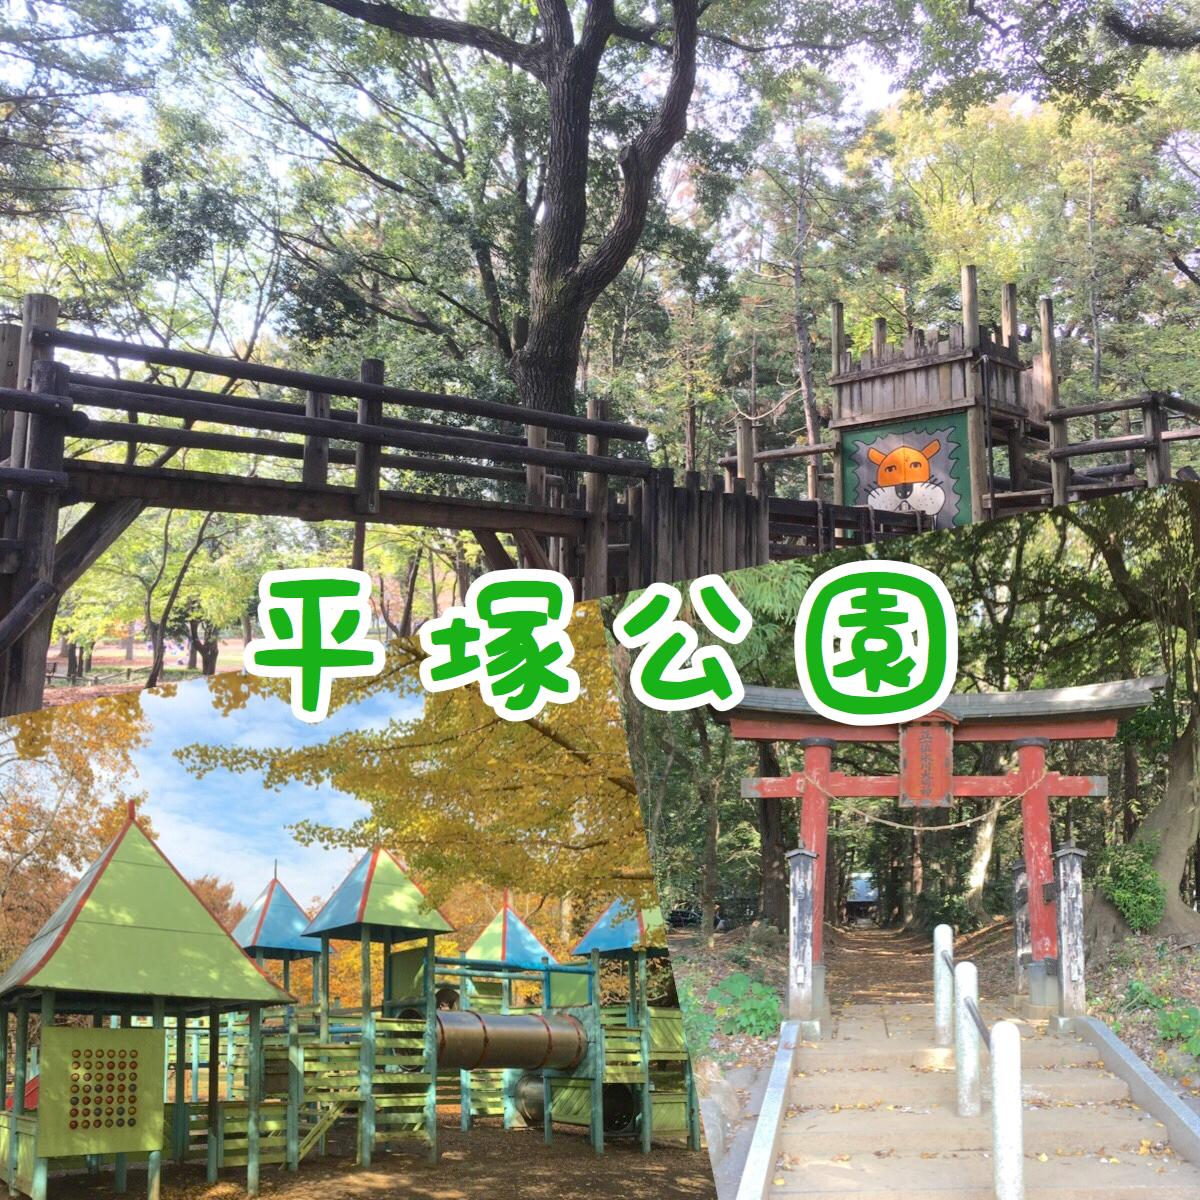 【上尾平塚公園】遊具・アスレチックが充実!魅力をまとめて紹介